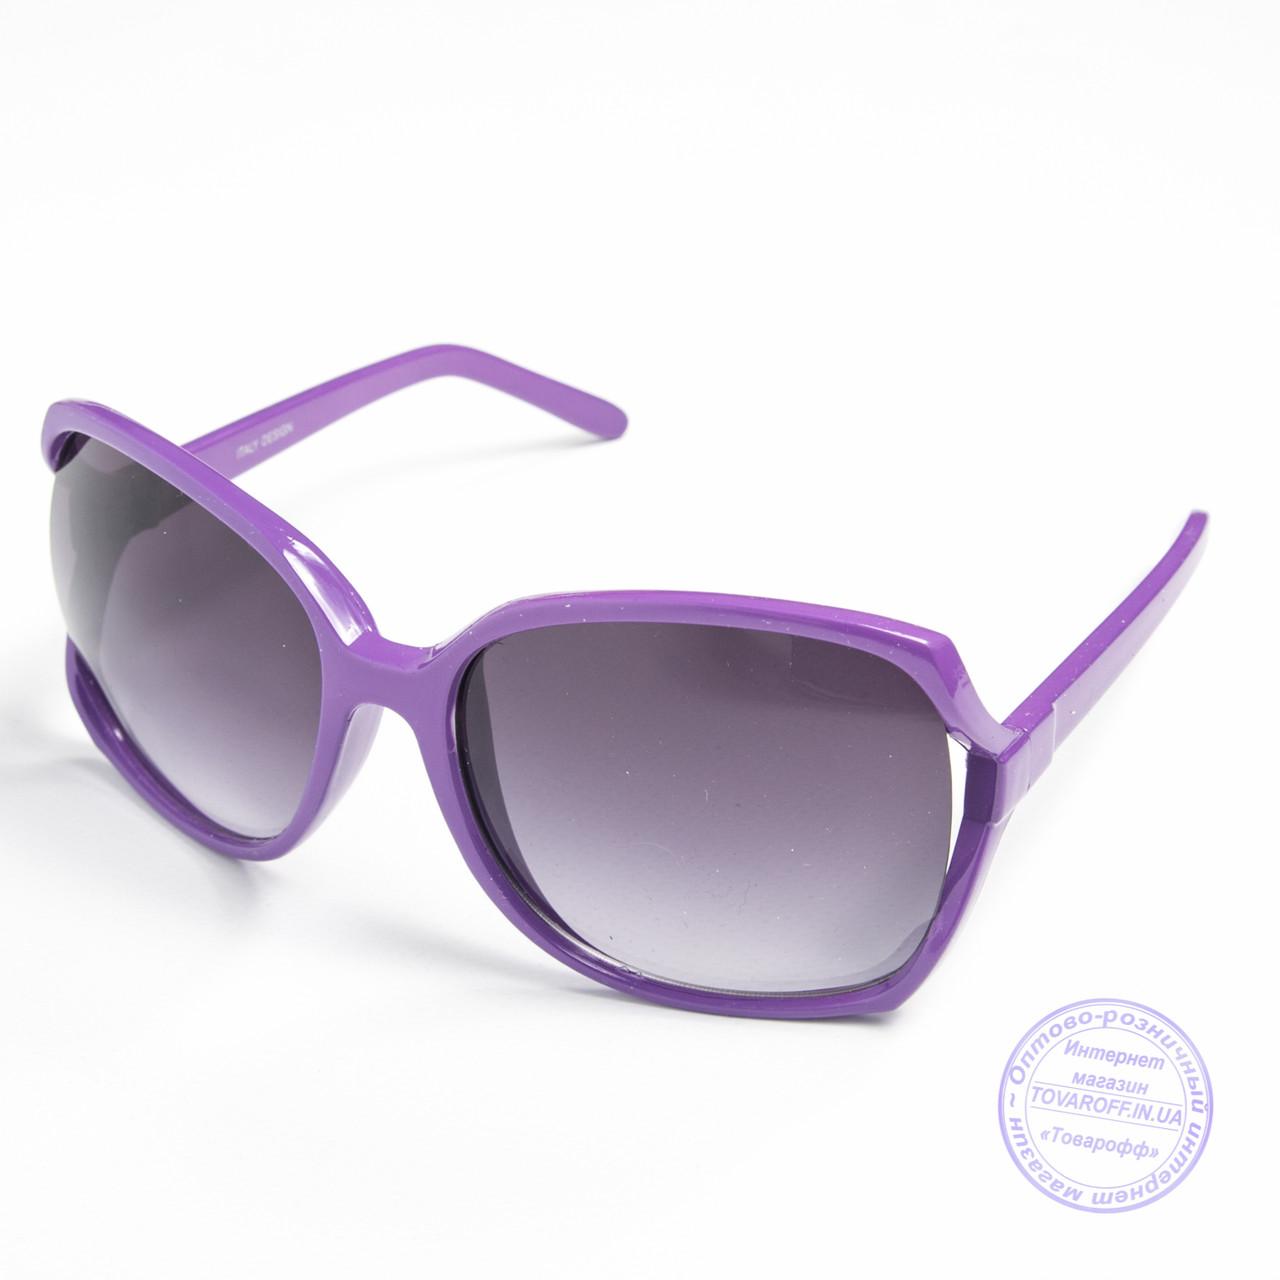 Распродажа женских очков оптом - Фиолетовые - 741